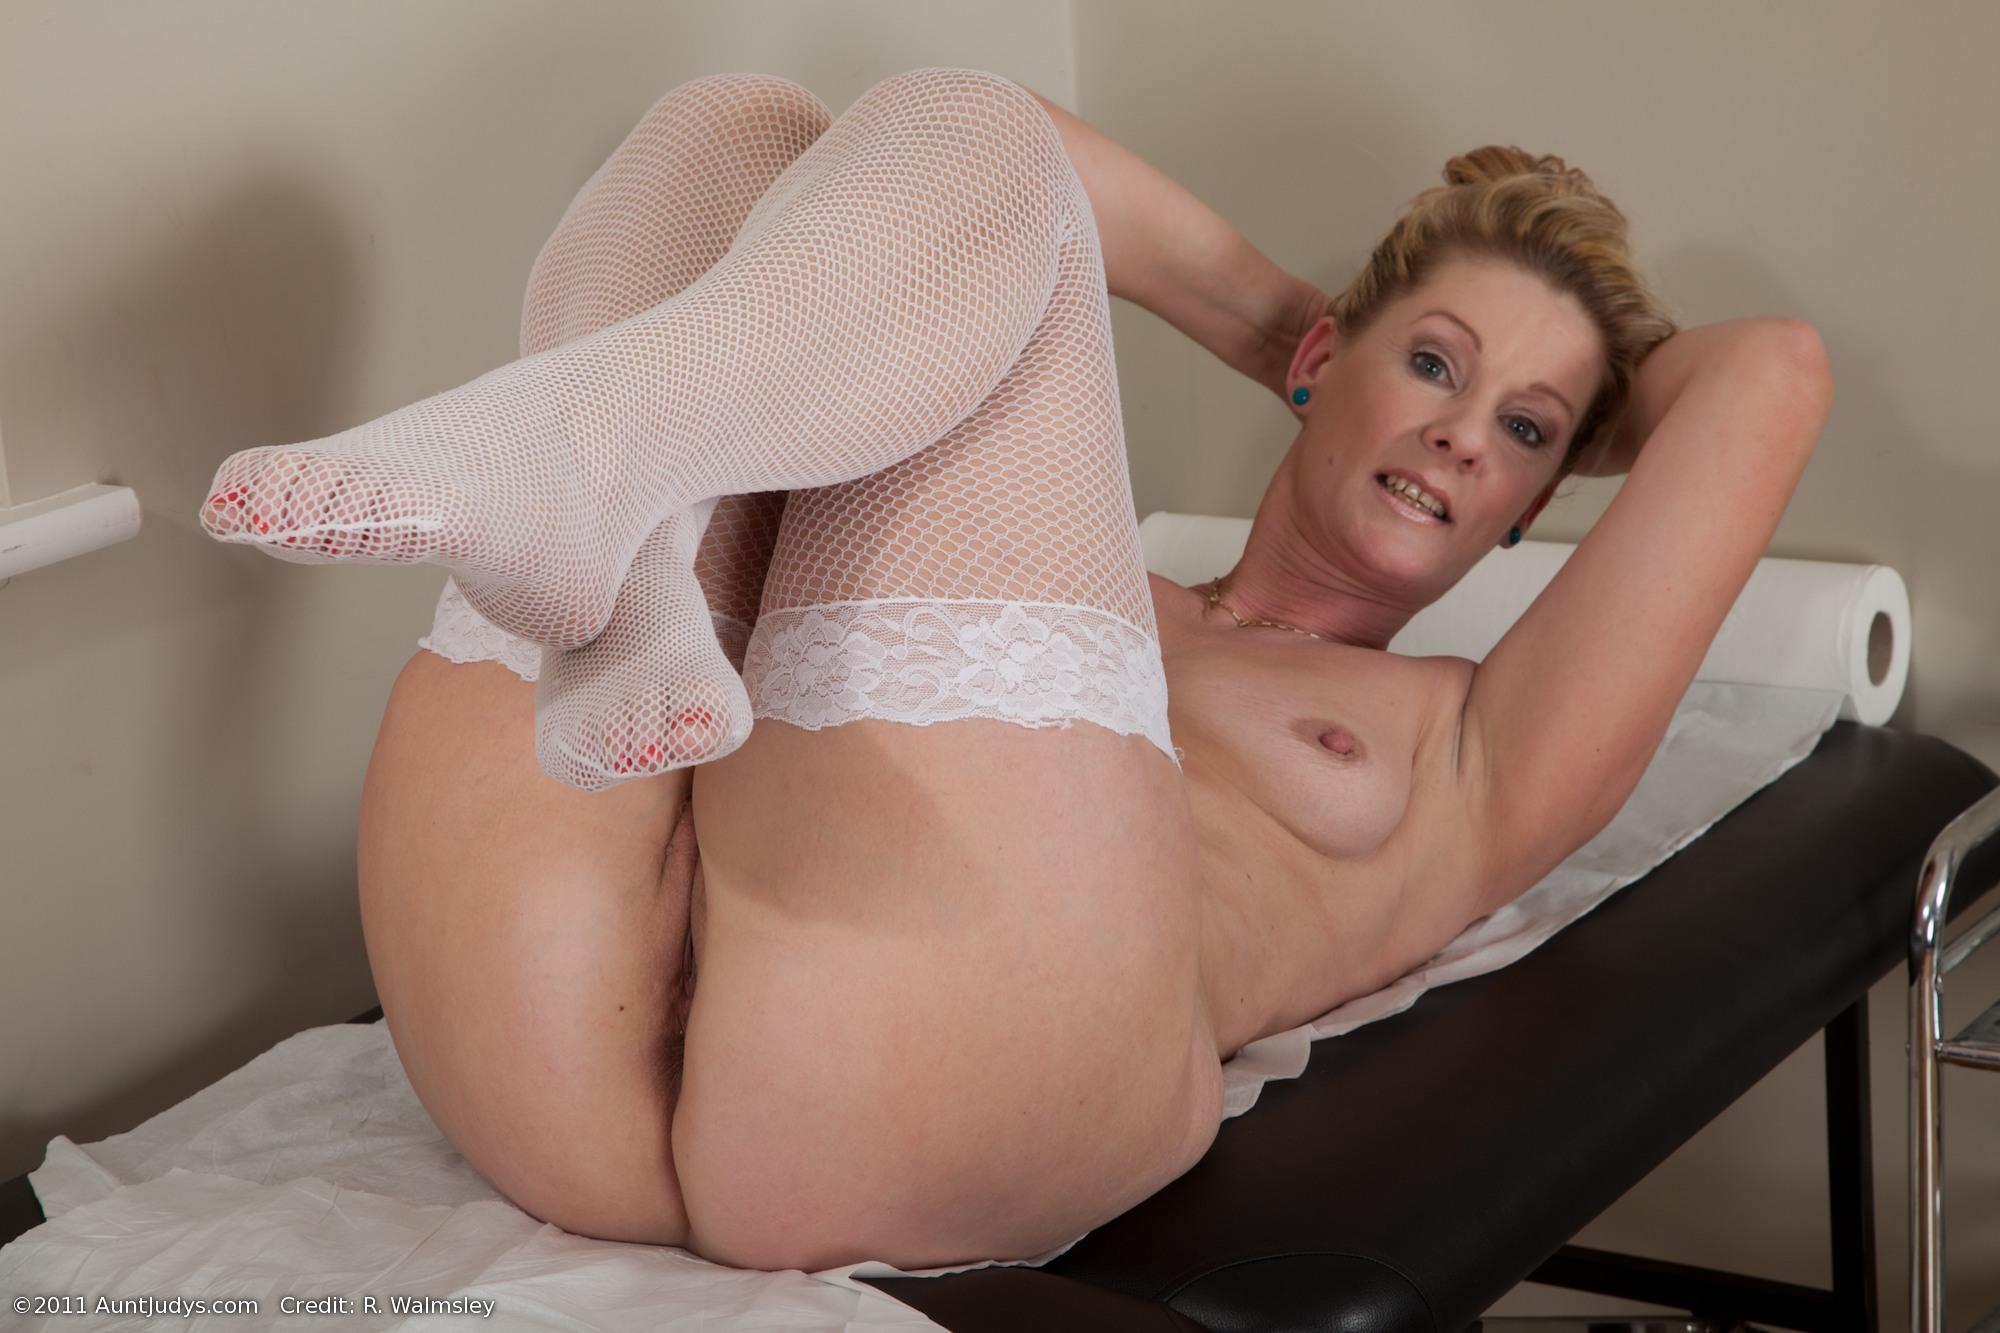 Nude porn rocio durcal